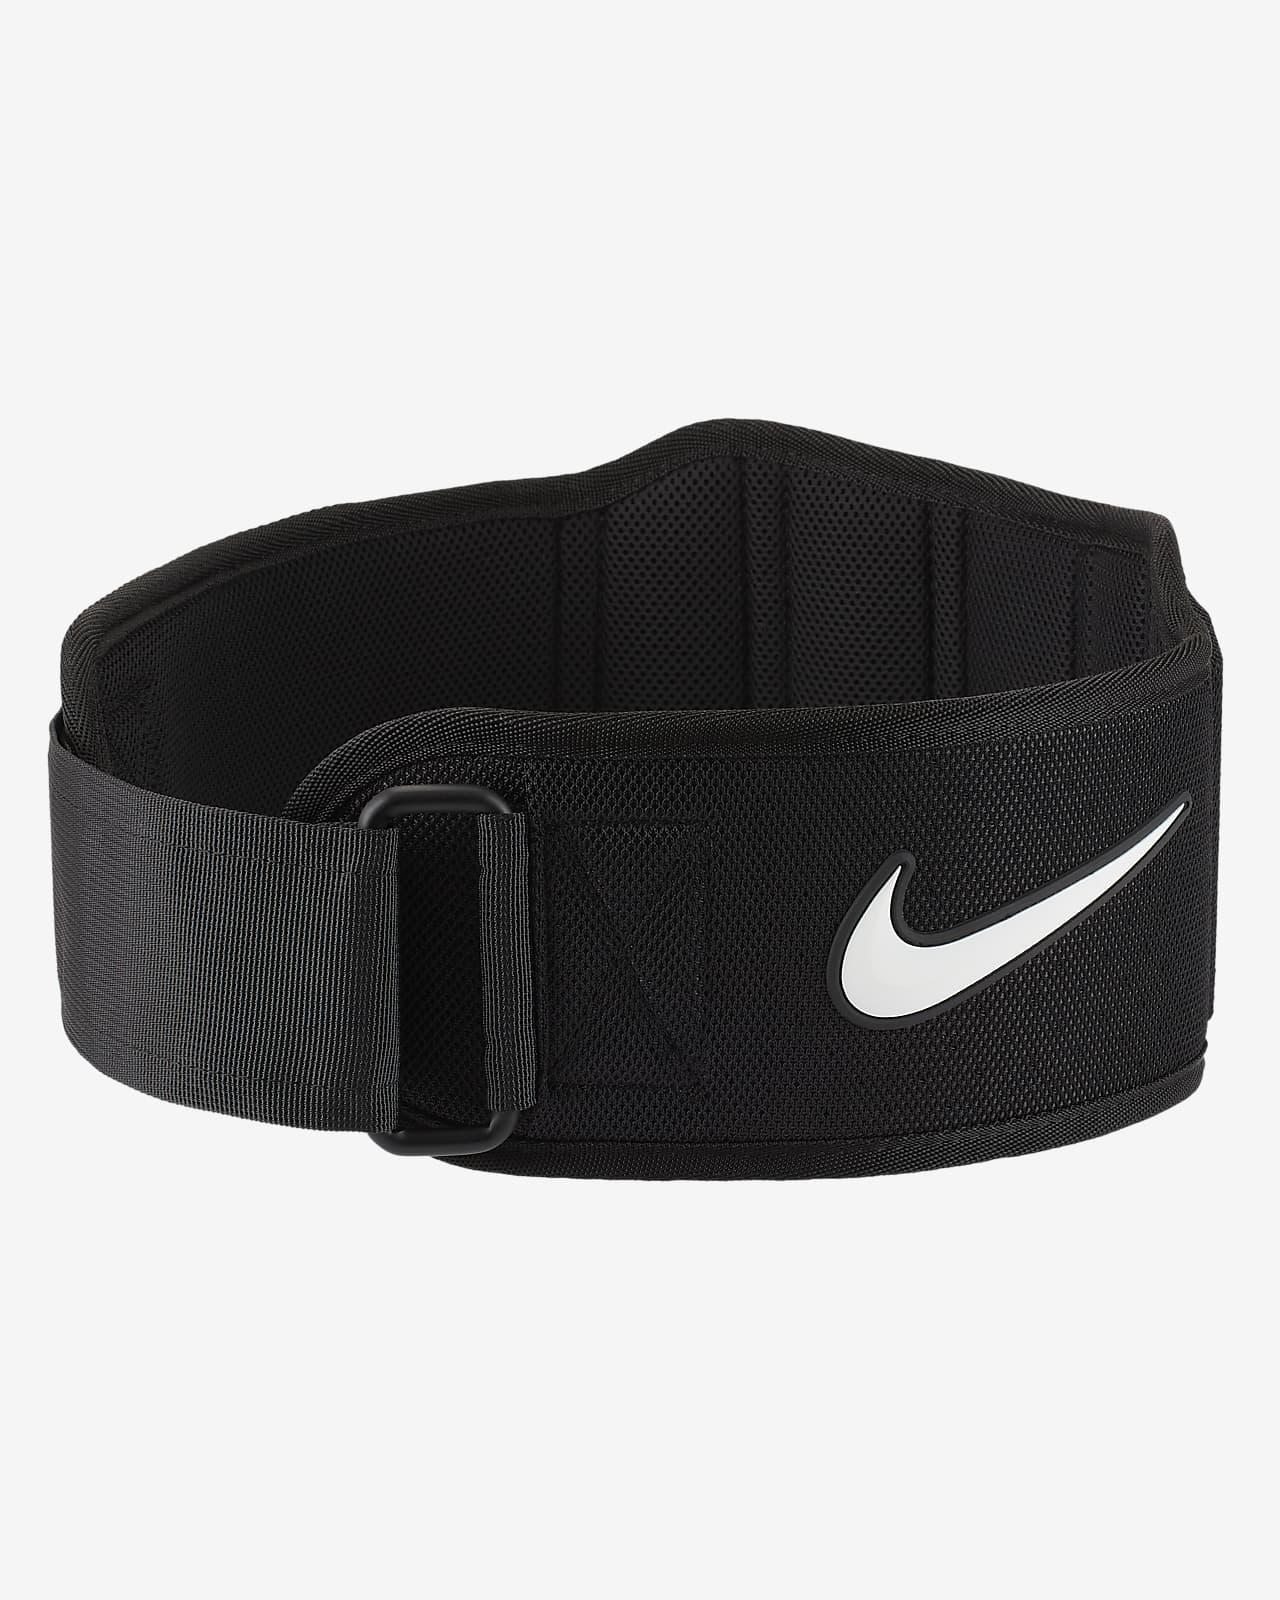 Nike Structured Training Belt 3.0